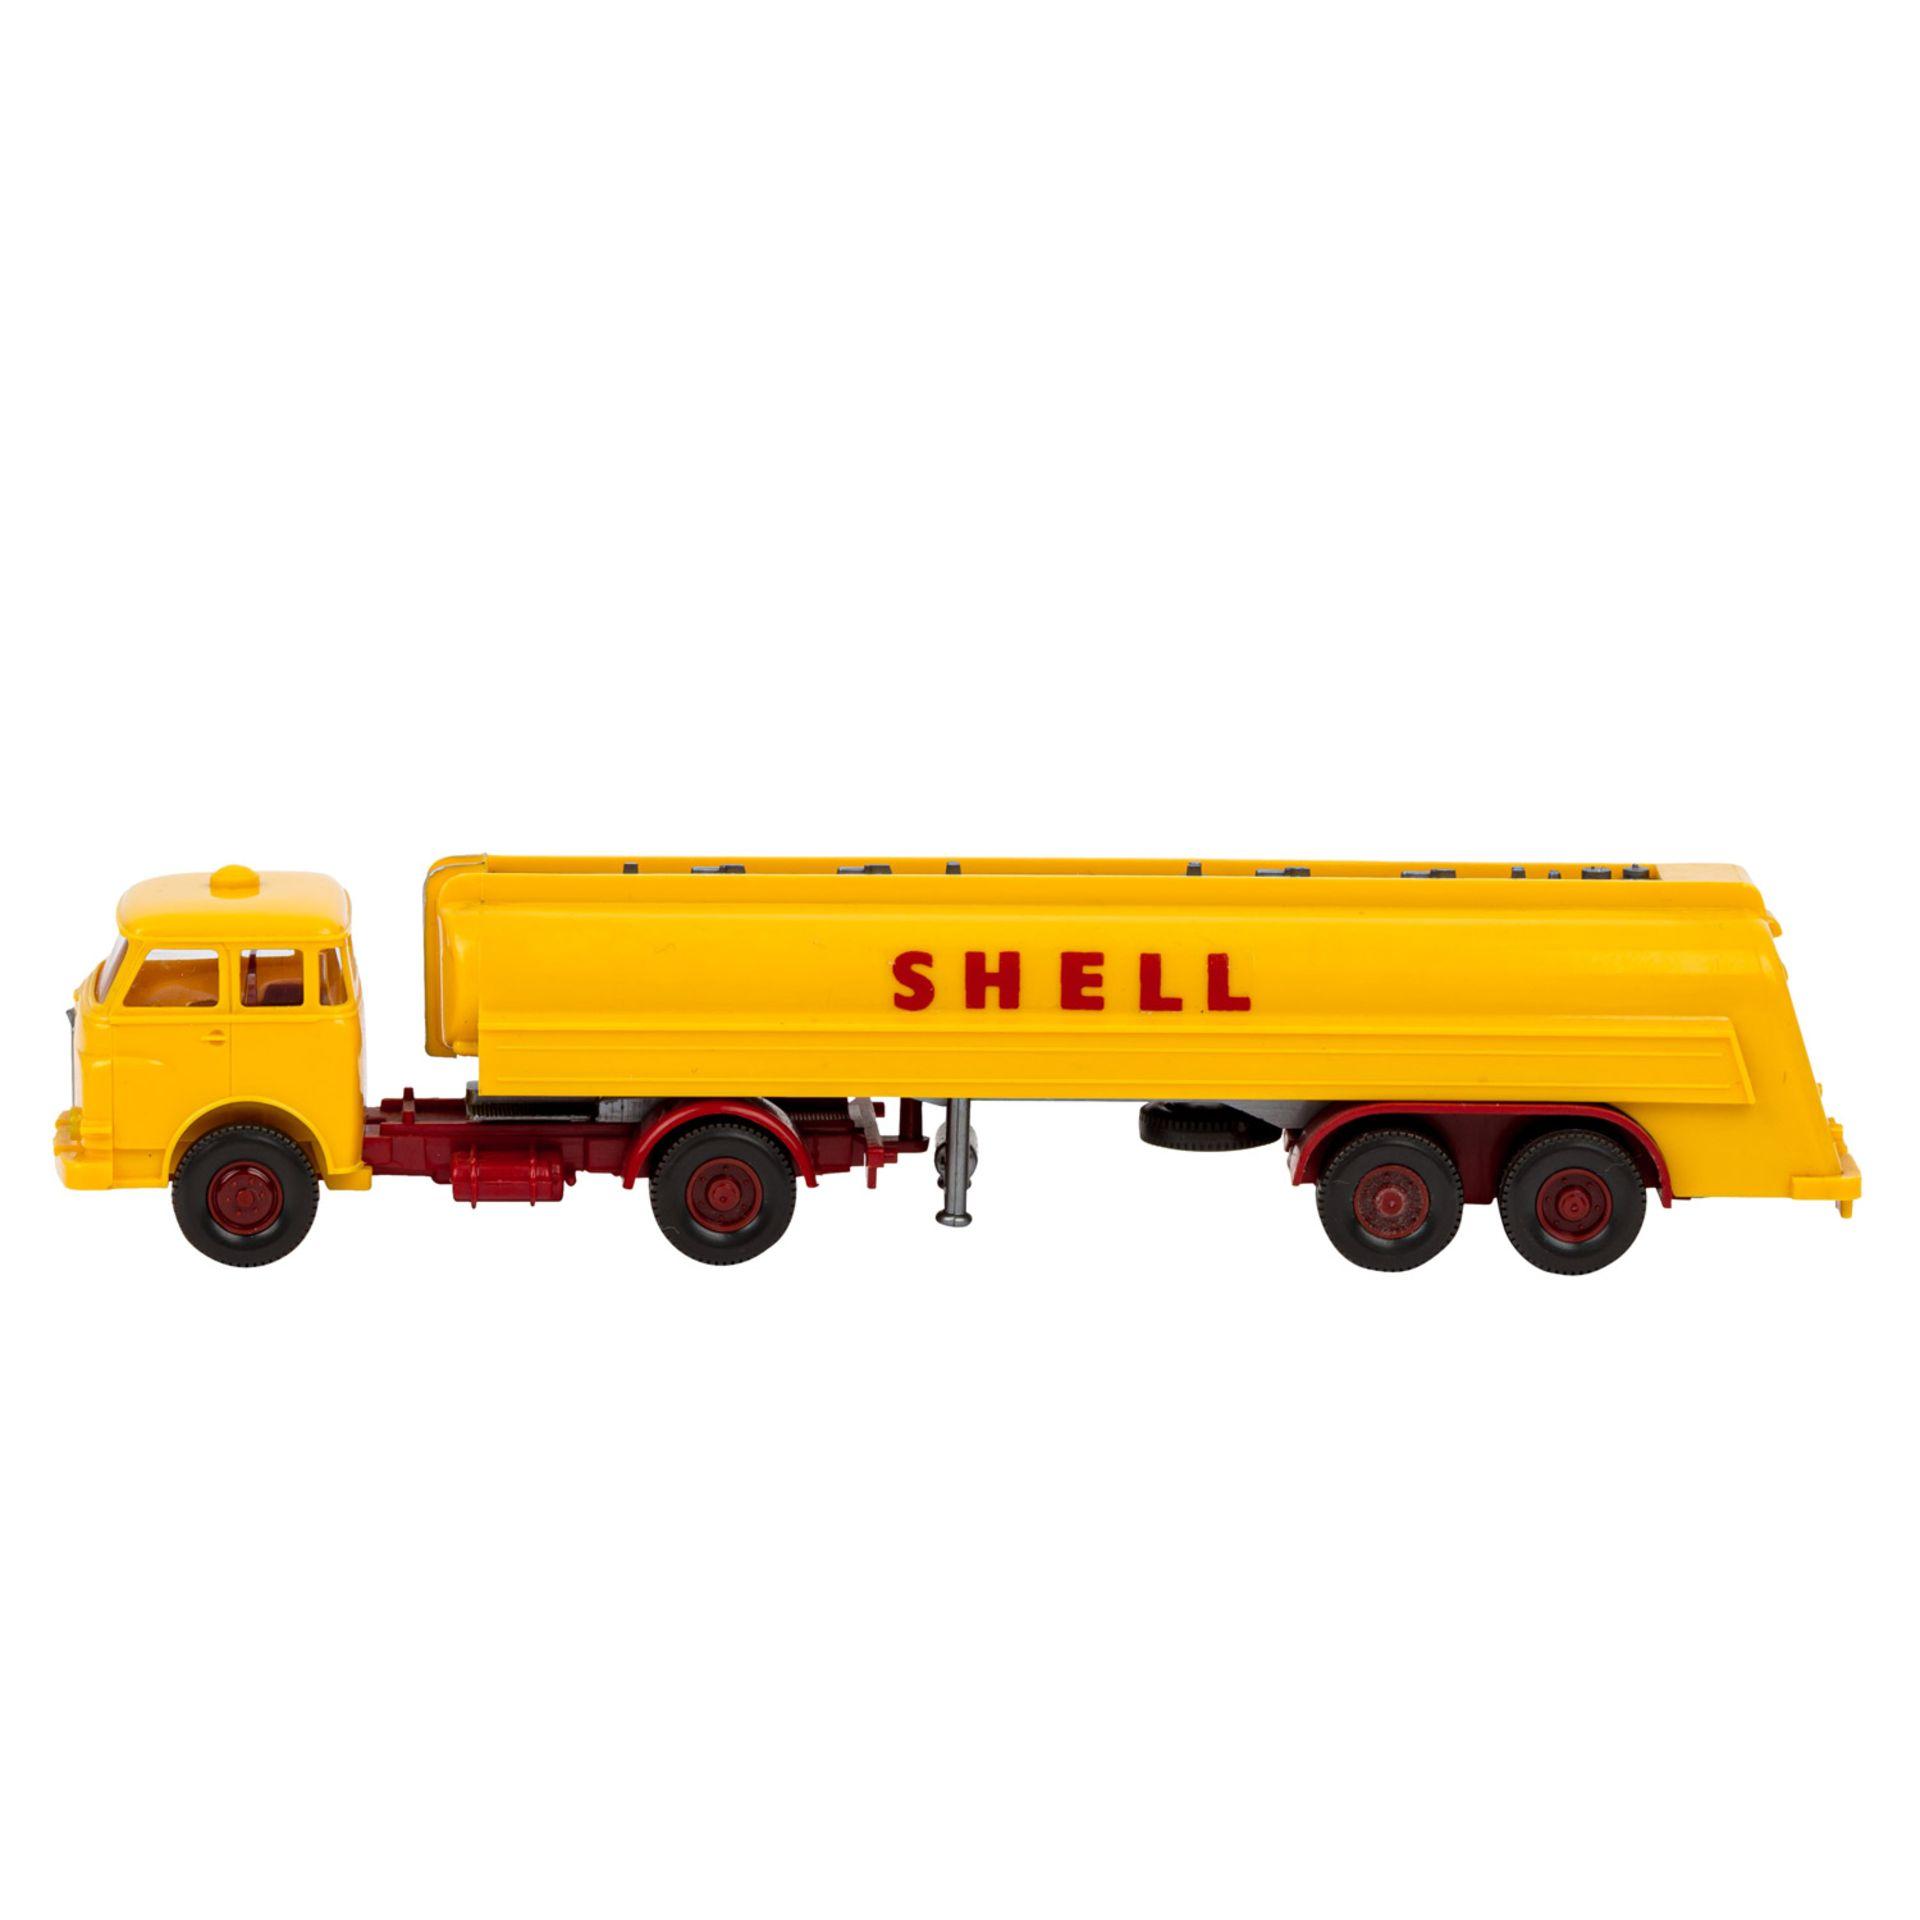 WIKING Shell-Tanksattelzug MAN 10.230, 1966,großer Shell-Tankzug, Zugmaschine mit int - Image 2 of 5